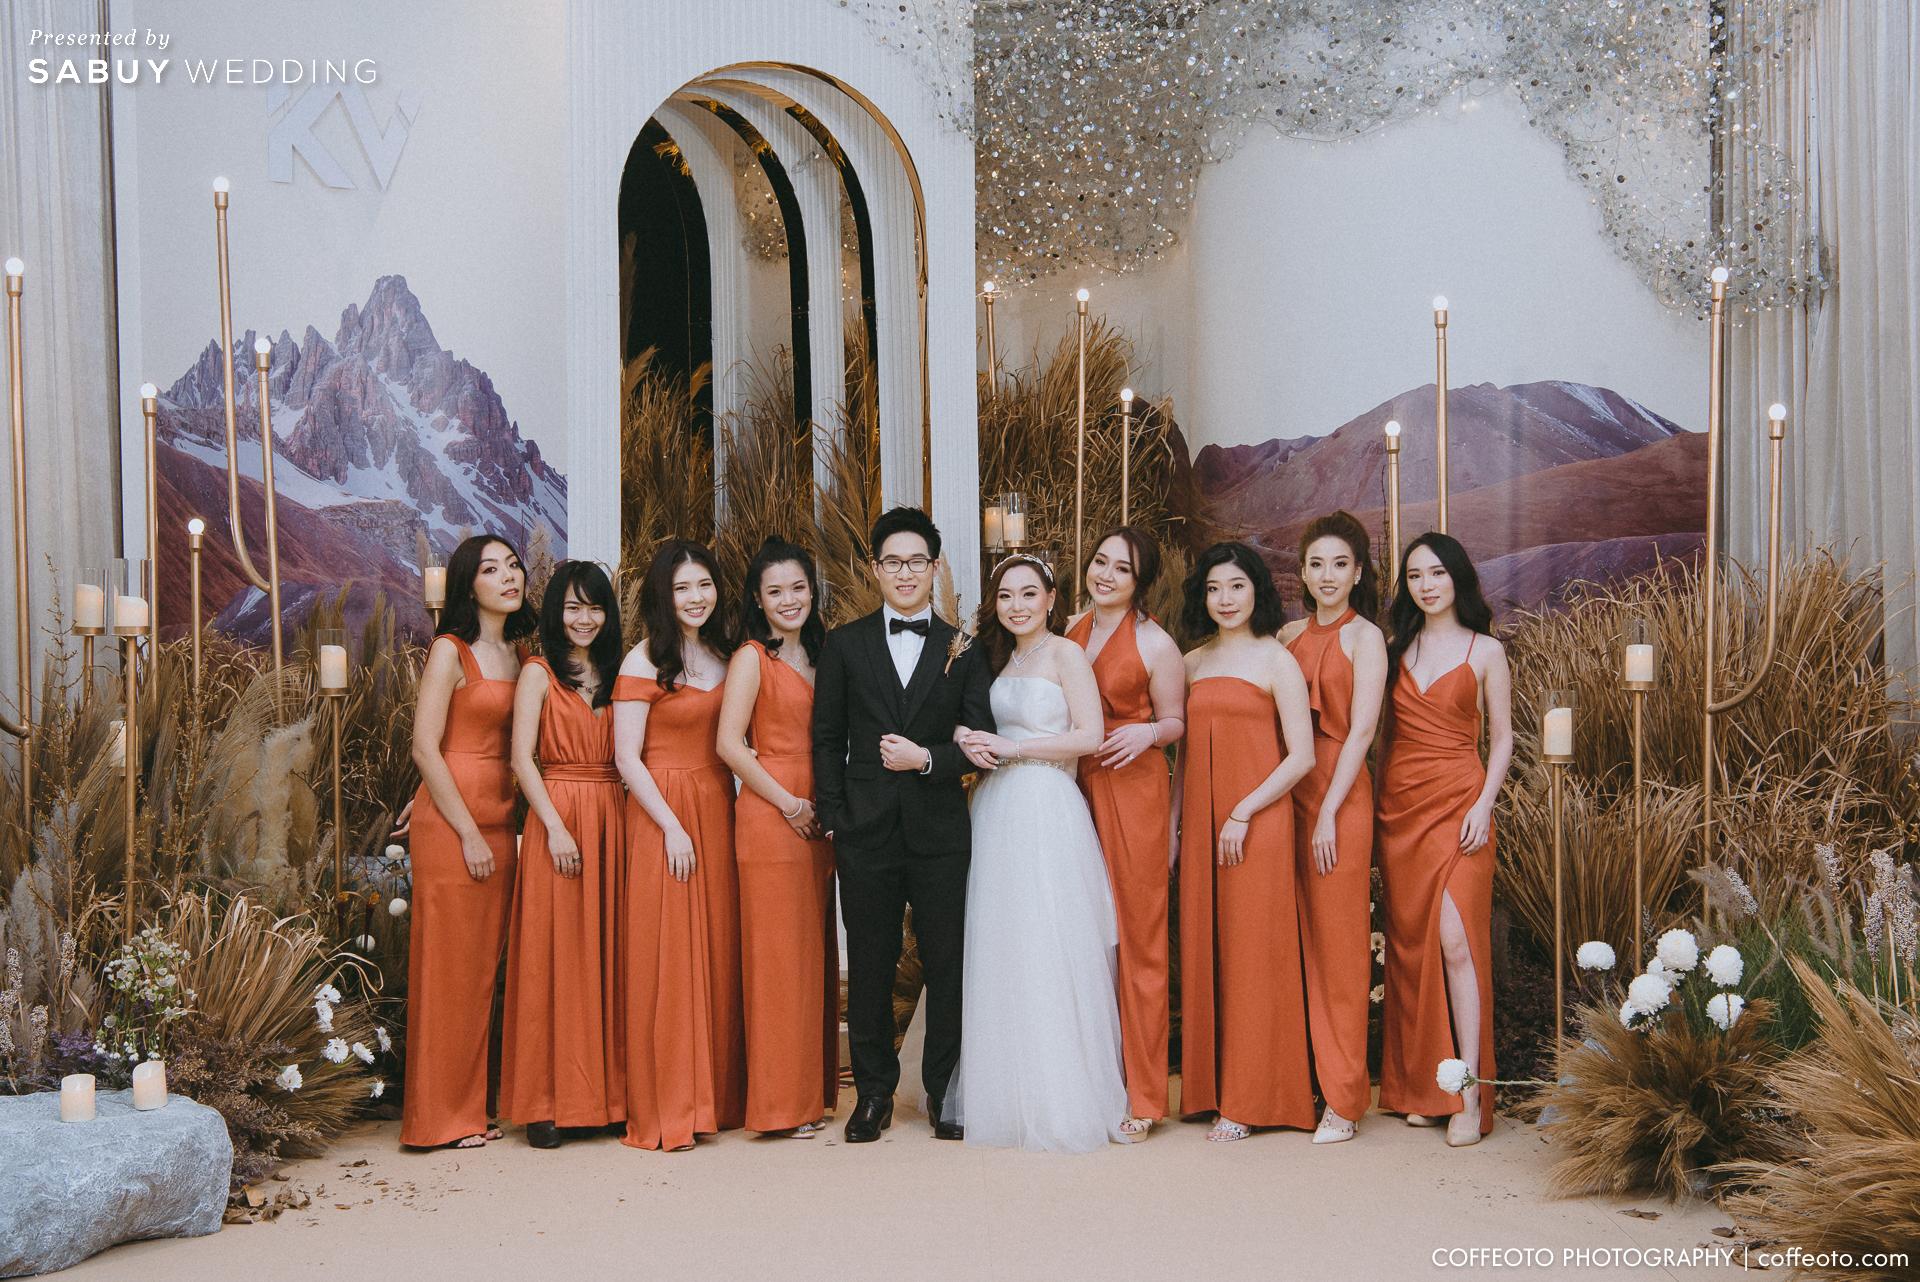 ชุดแต่งงาน,ชุดเจ้าสาว,ชุดเพื่อนเจ้าสาว รีวิวงานแต่งโรแมนติก จำลองหมู่บ้าน Cotswold ของอังกฤษมาไว้ในงาน @ Hotel Nikko Bangkok